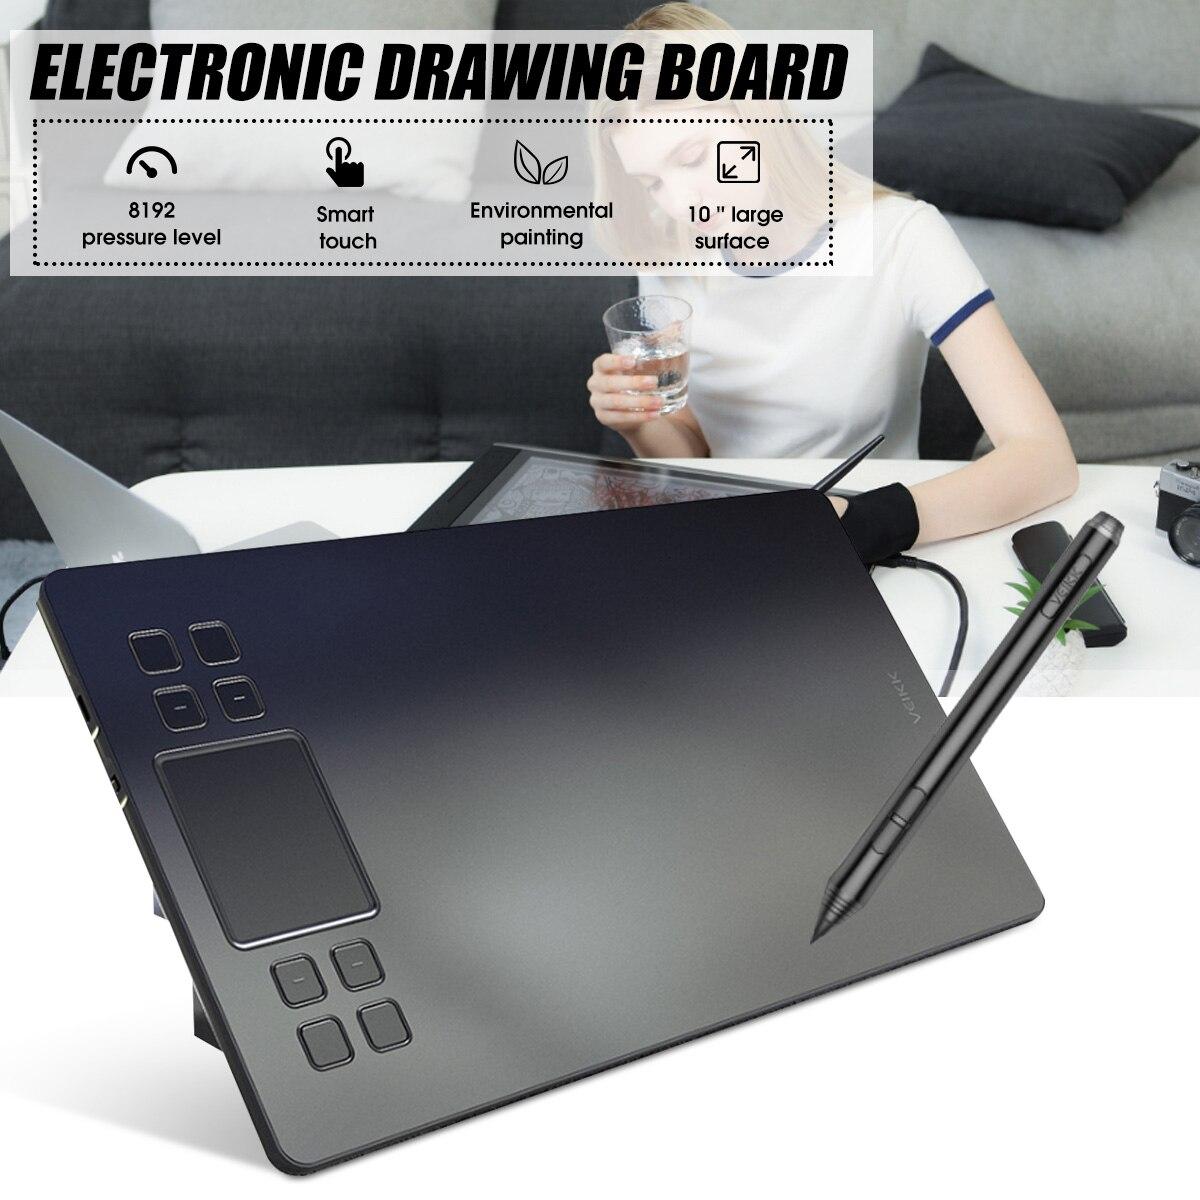 A50 Digitale Tabletten Zeichnung Tablet Mit 8192 Ebenen Batterie-freies Passive Stift Unterstützung Windows XP/Vista/7/8/8.1/10 und-Mac OS